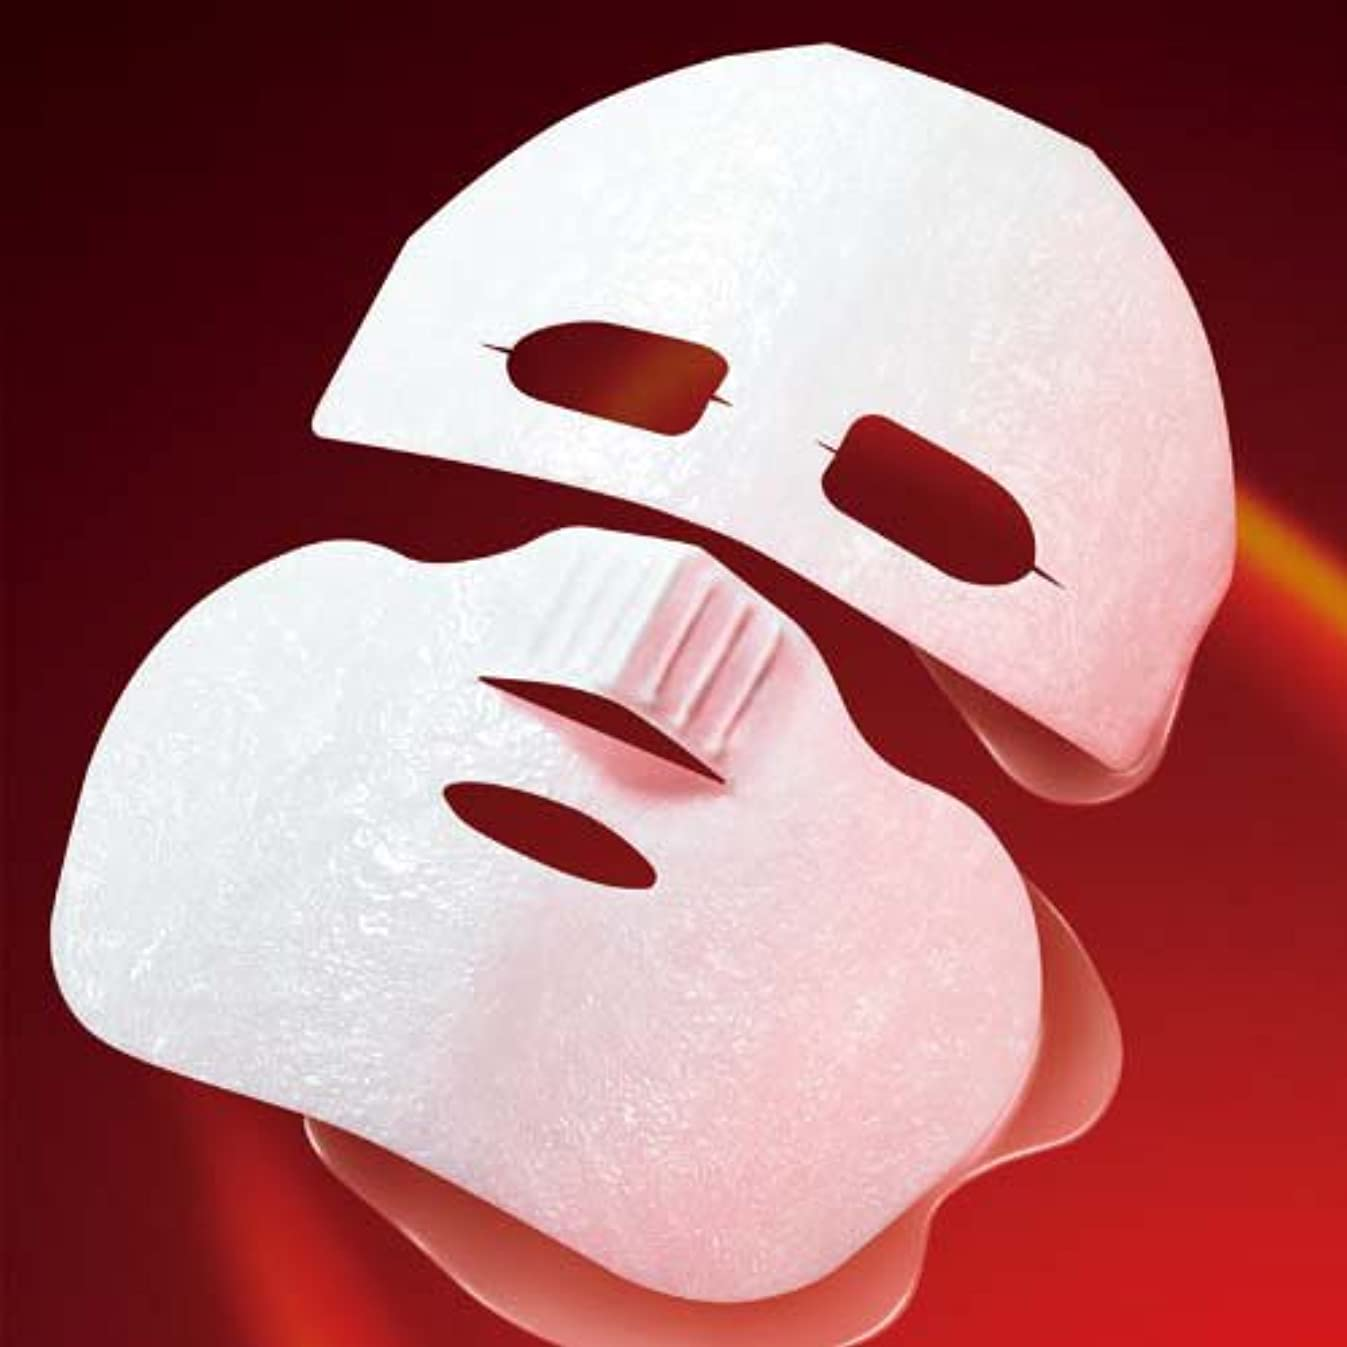 アフリカ費やす発明SK-II スキン シグネチャー 3D リディファイニング マスク(シートマスク)6セット